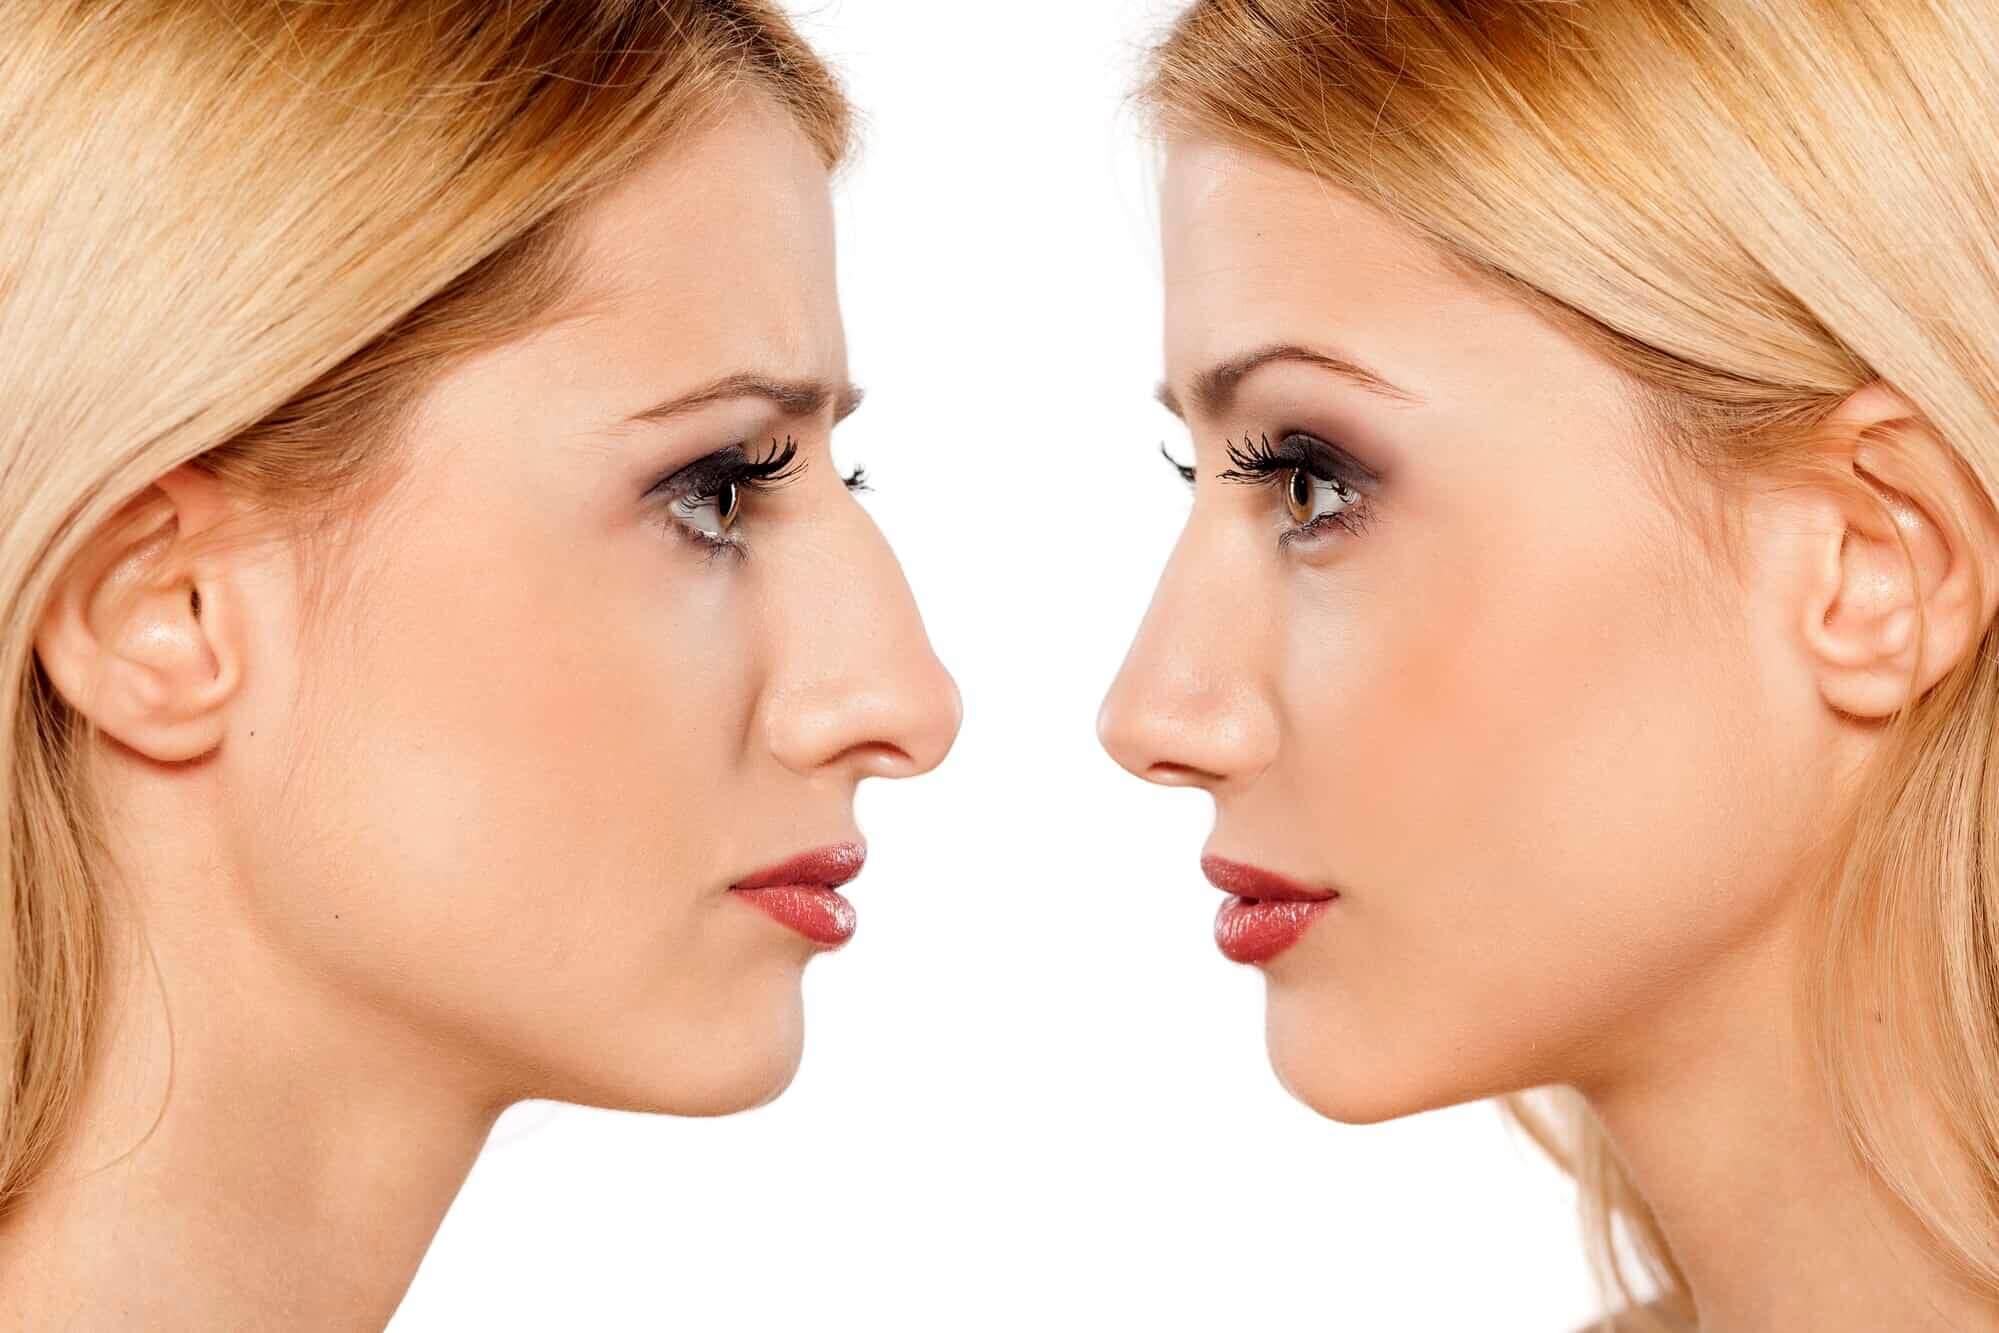 Пластическая операция носа